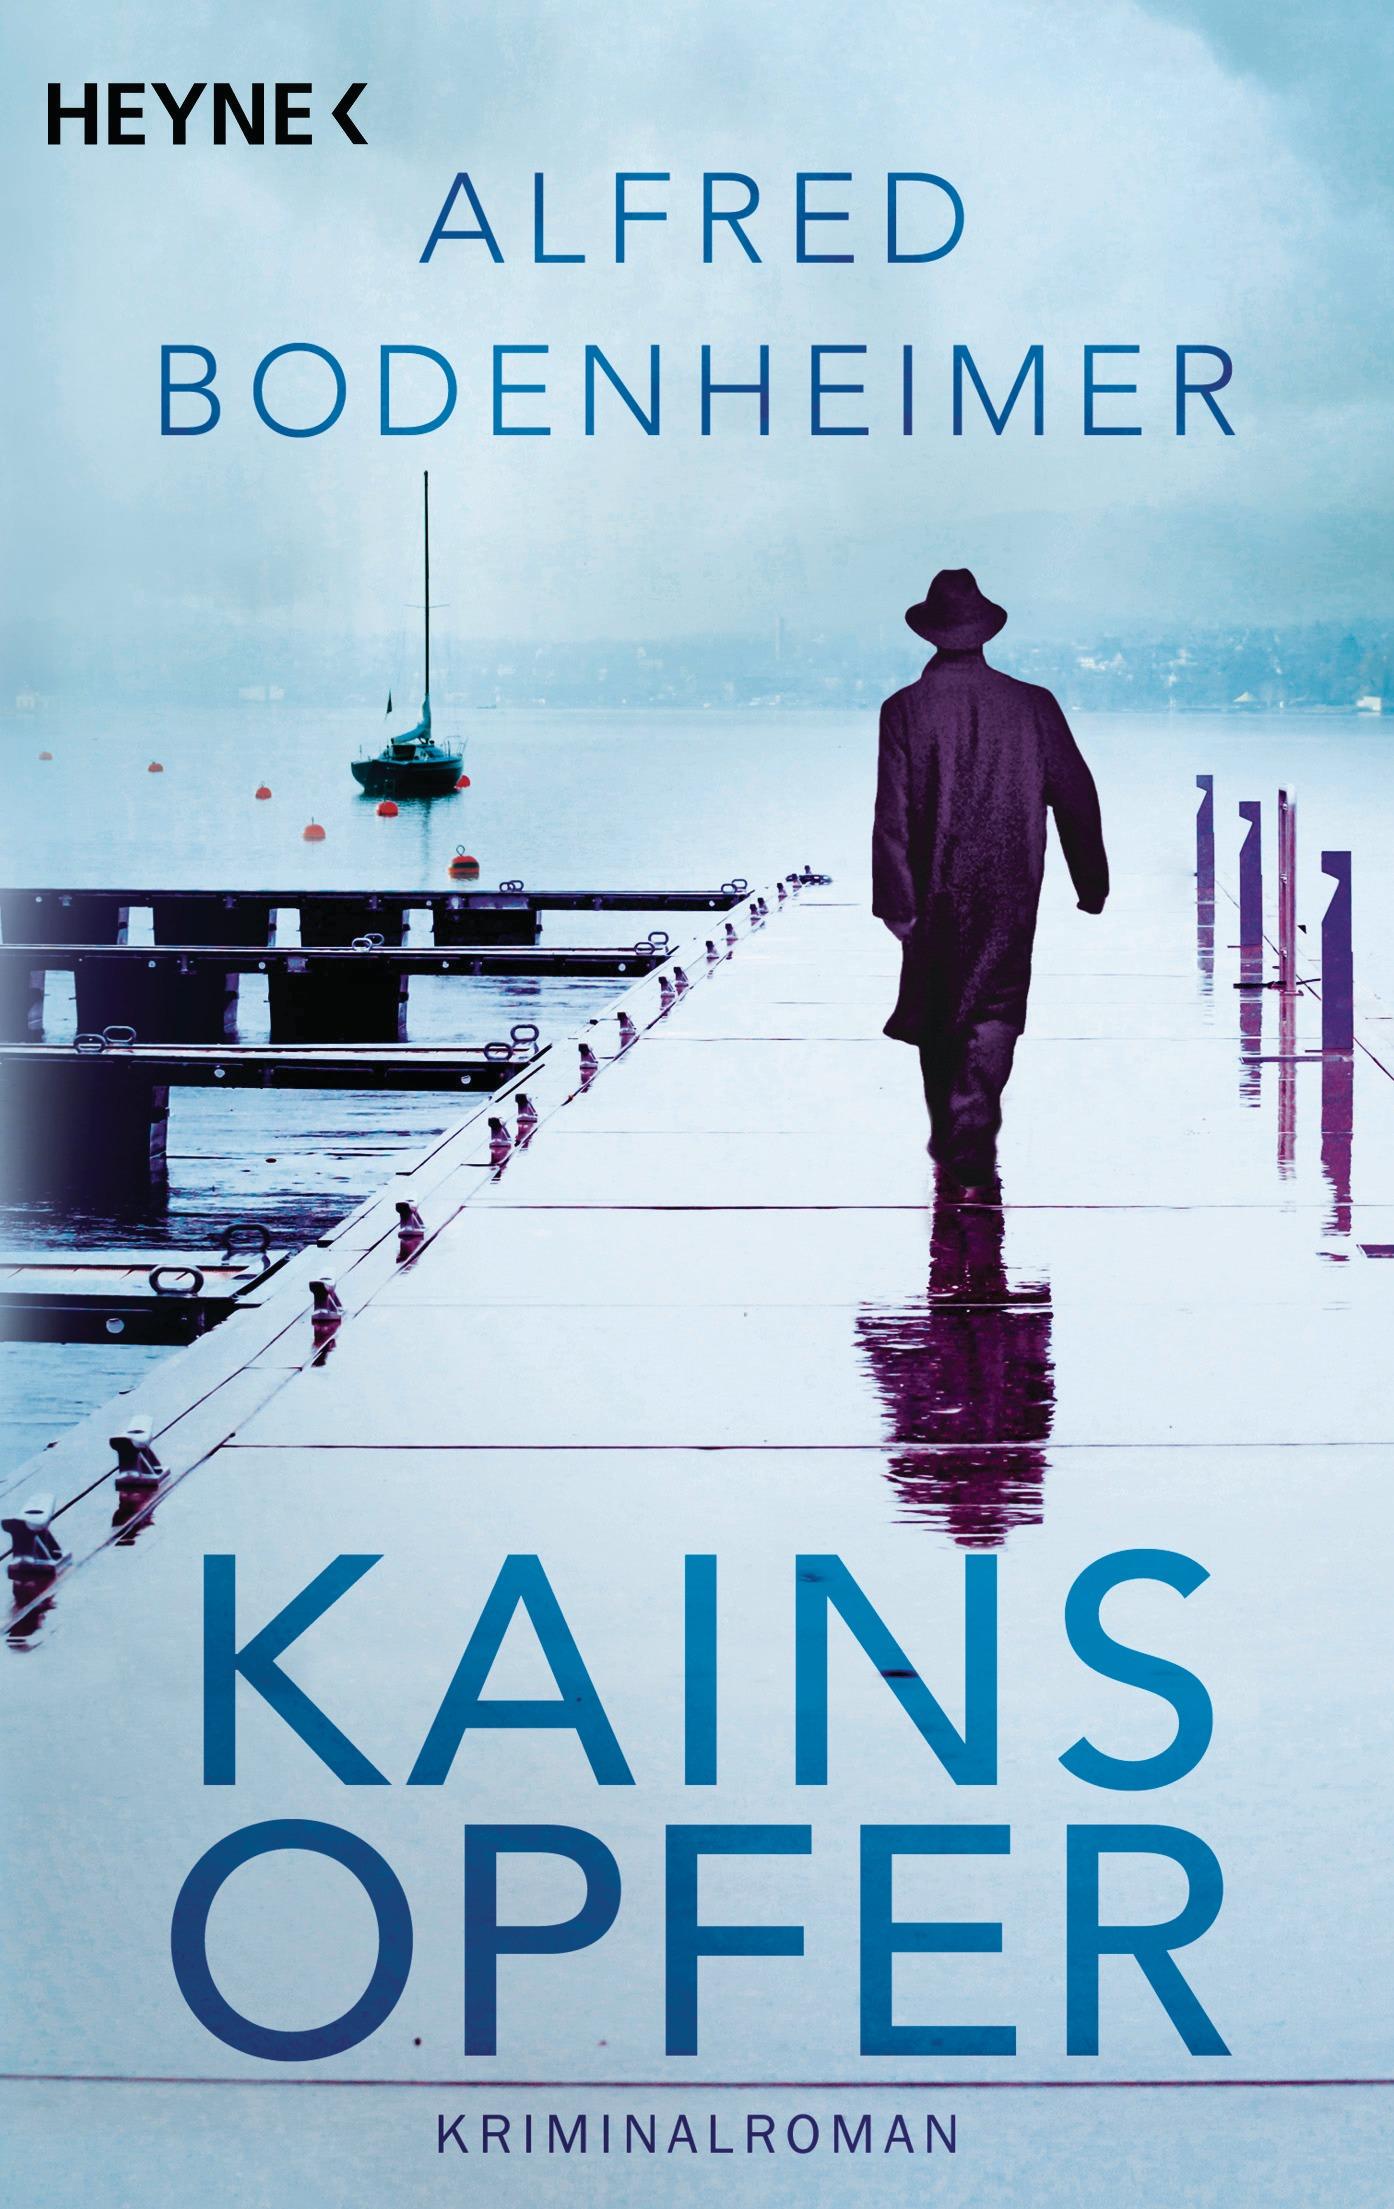 Kains Opfer - Alfred Bodenheimer